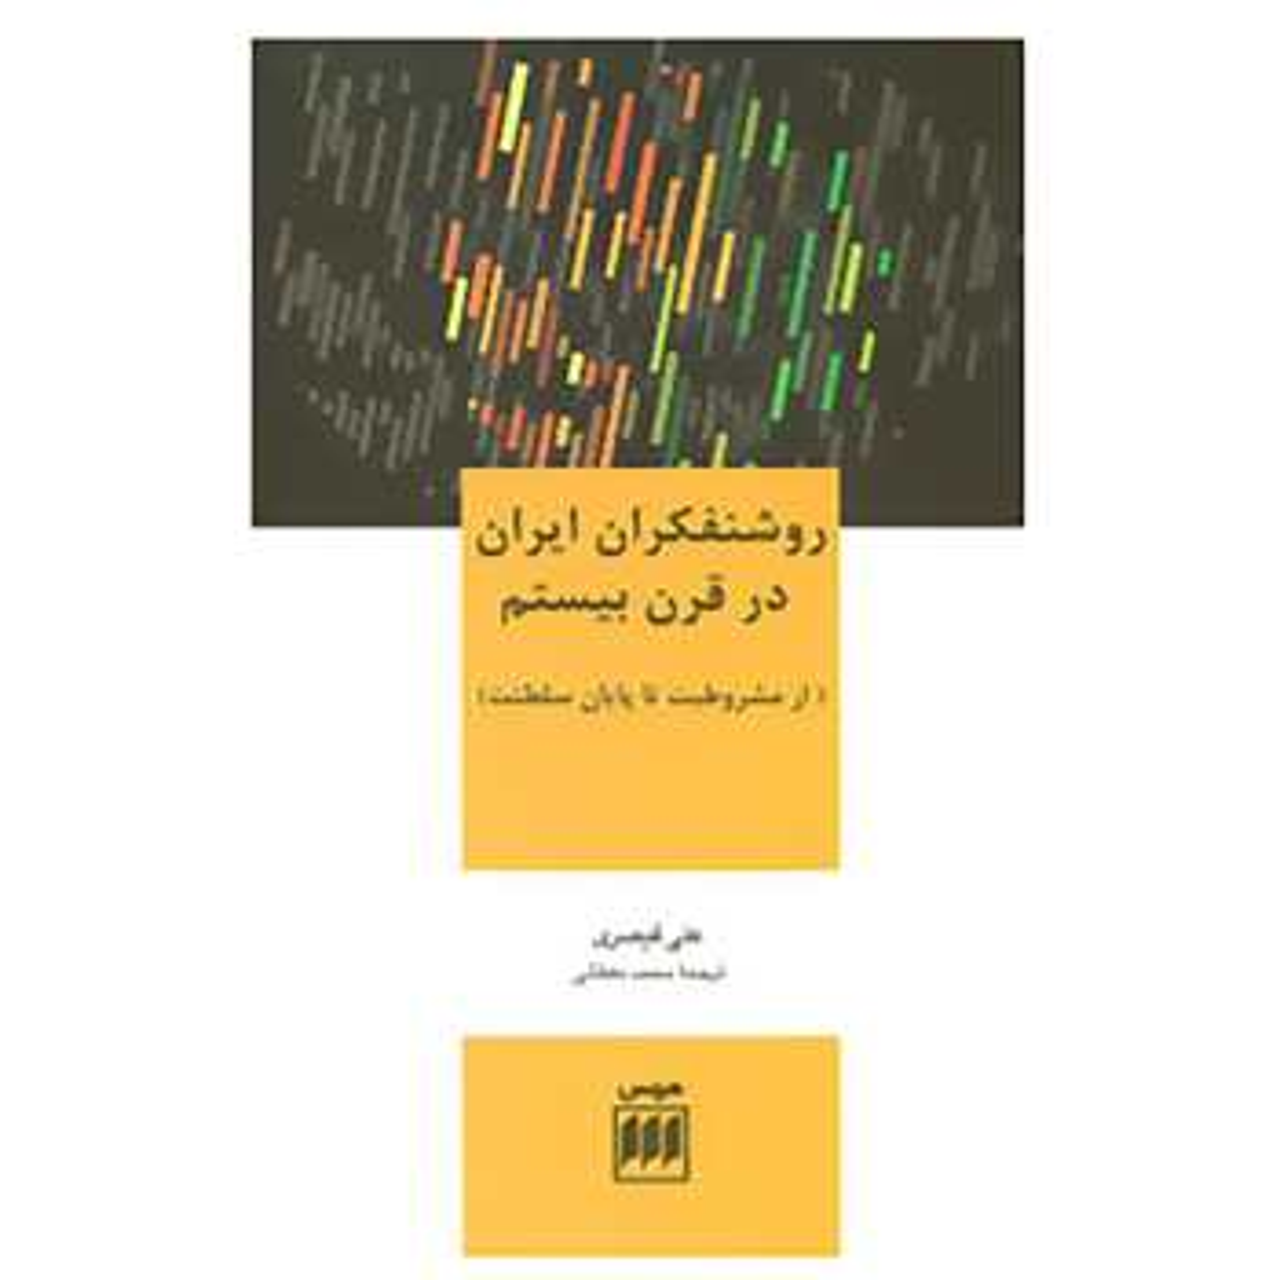 کتاب علوم اجتماعی23 اثر علی قیصری